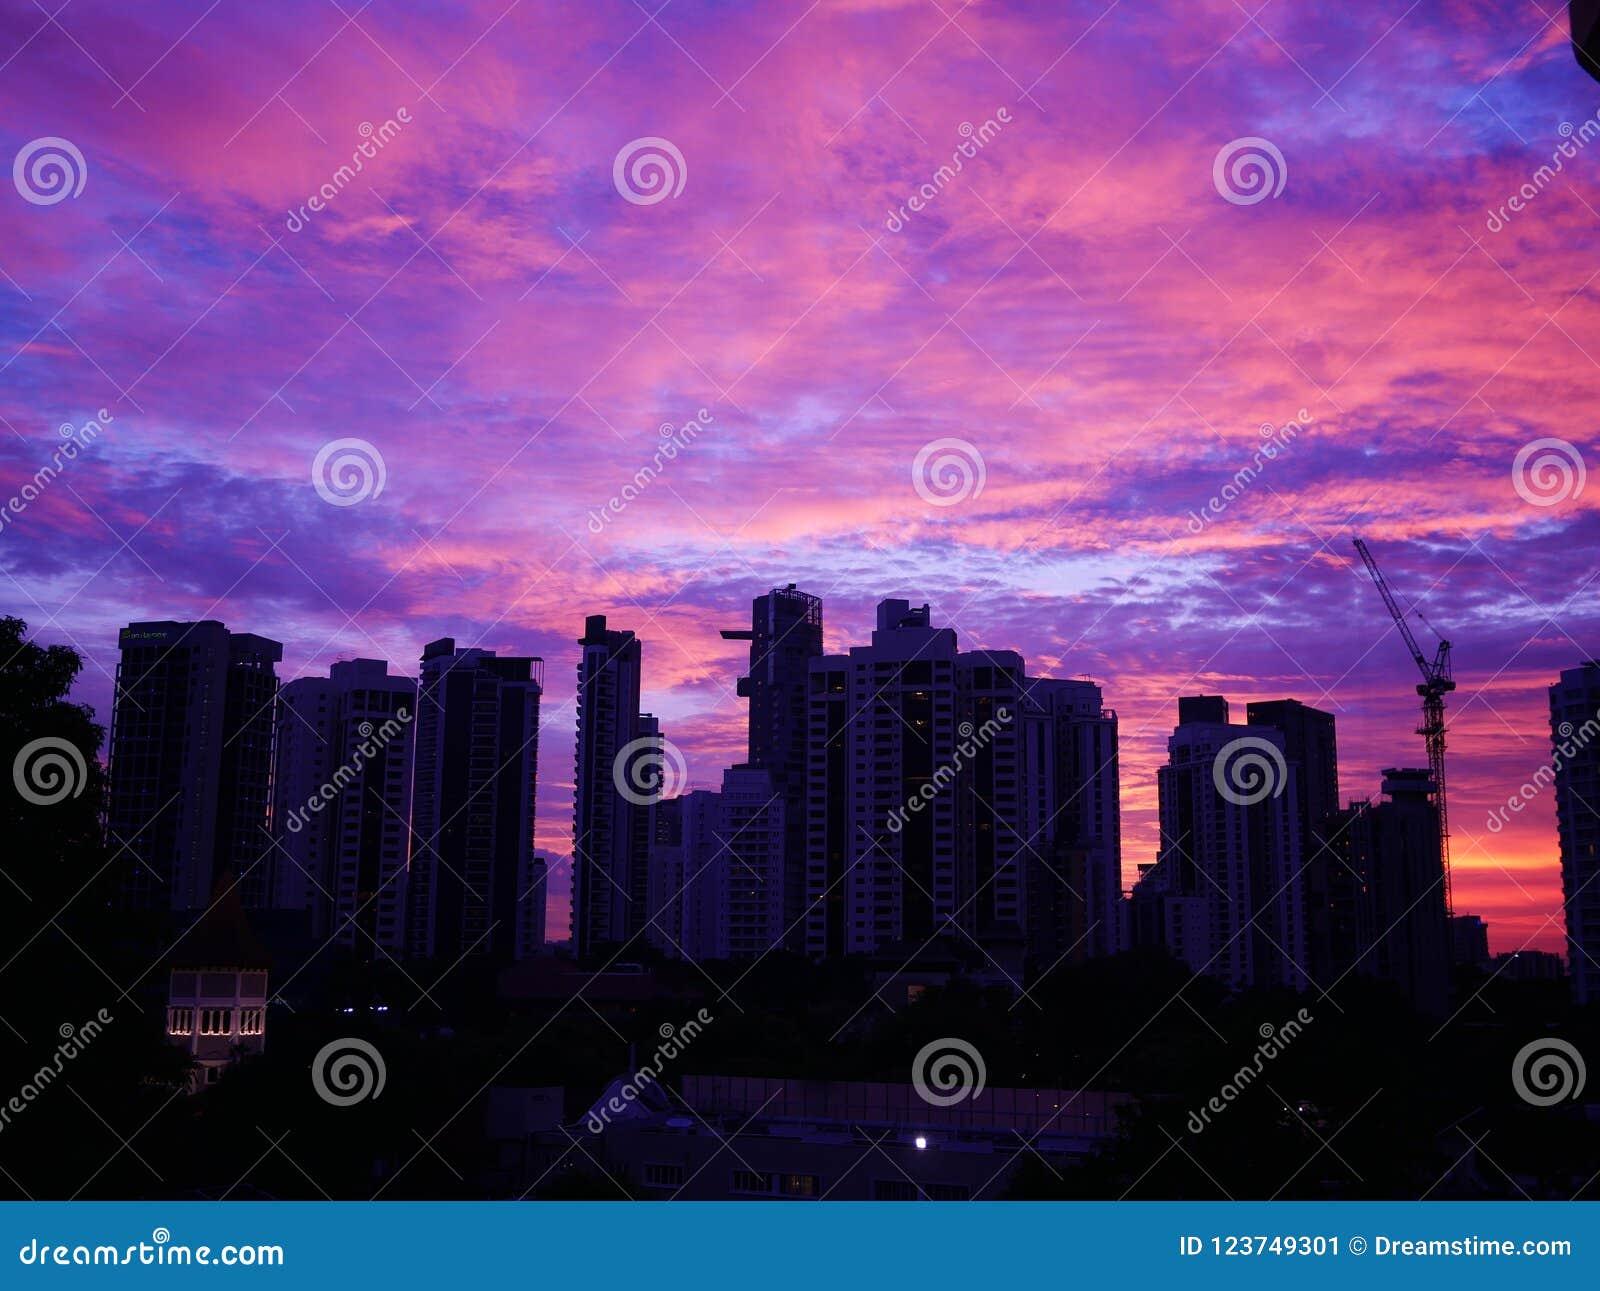 Zonsondergang achter gebouwen met mooie bewolkte hemel